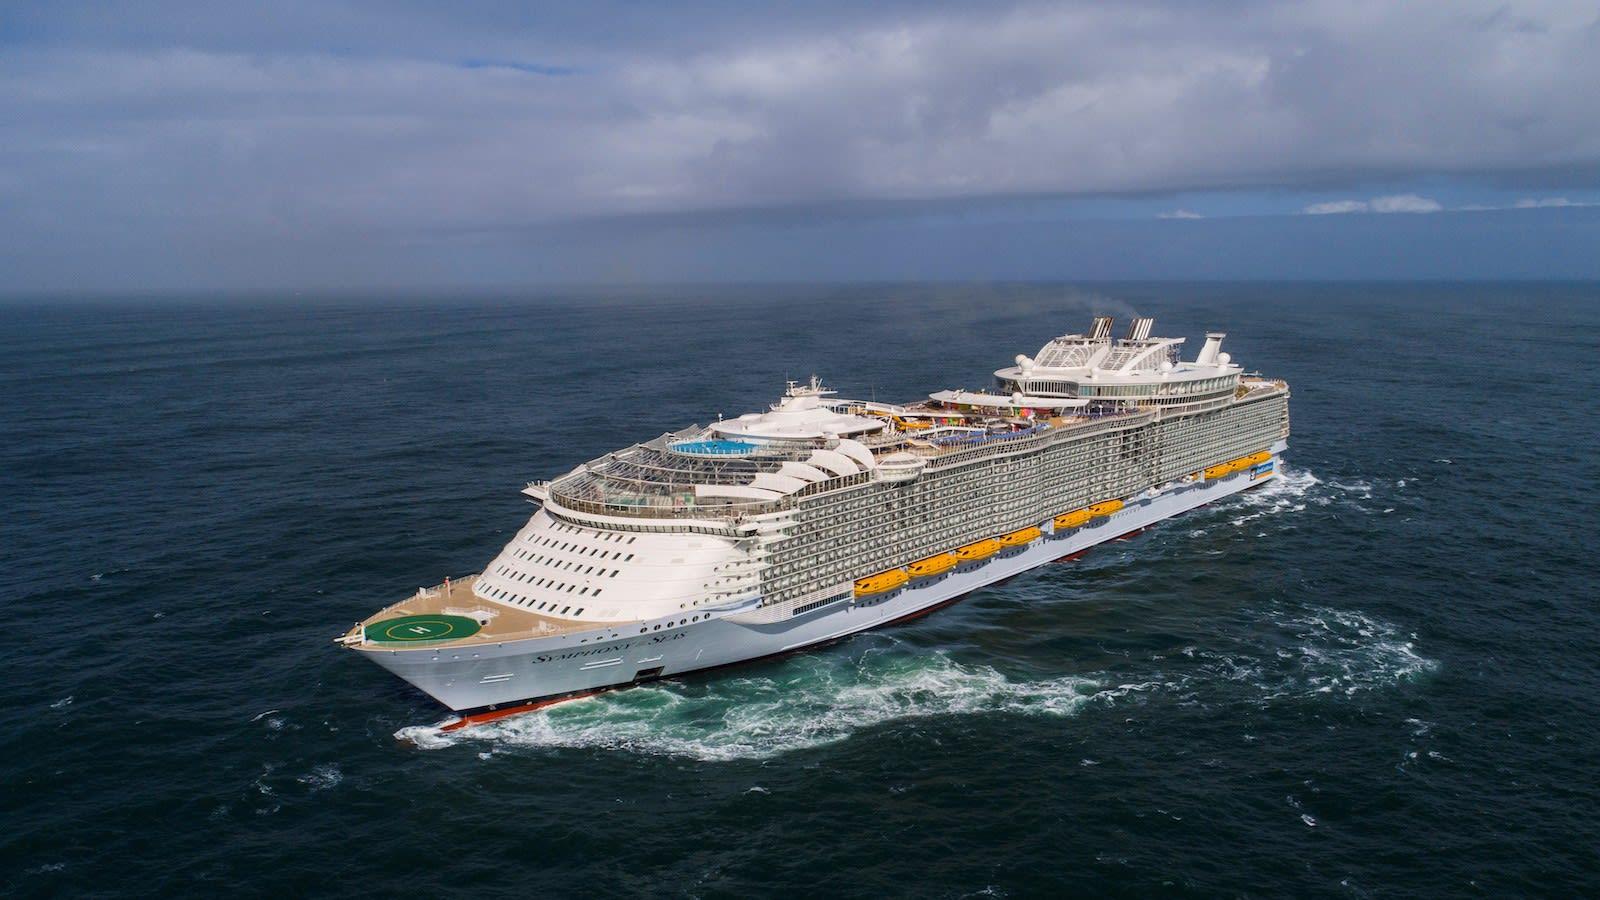 كيف تطعم أكبر سفن الرحلات في العالم ركابها؟